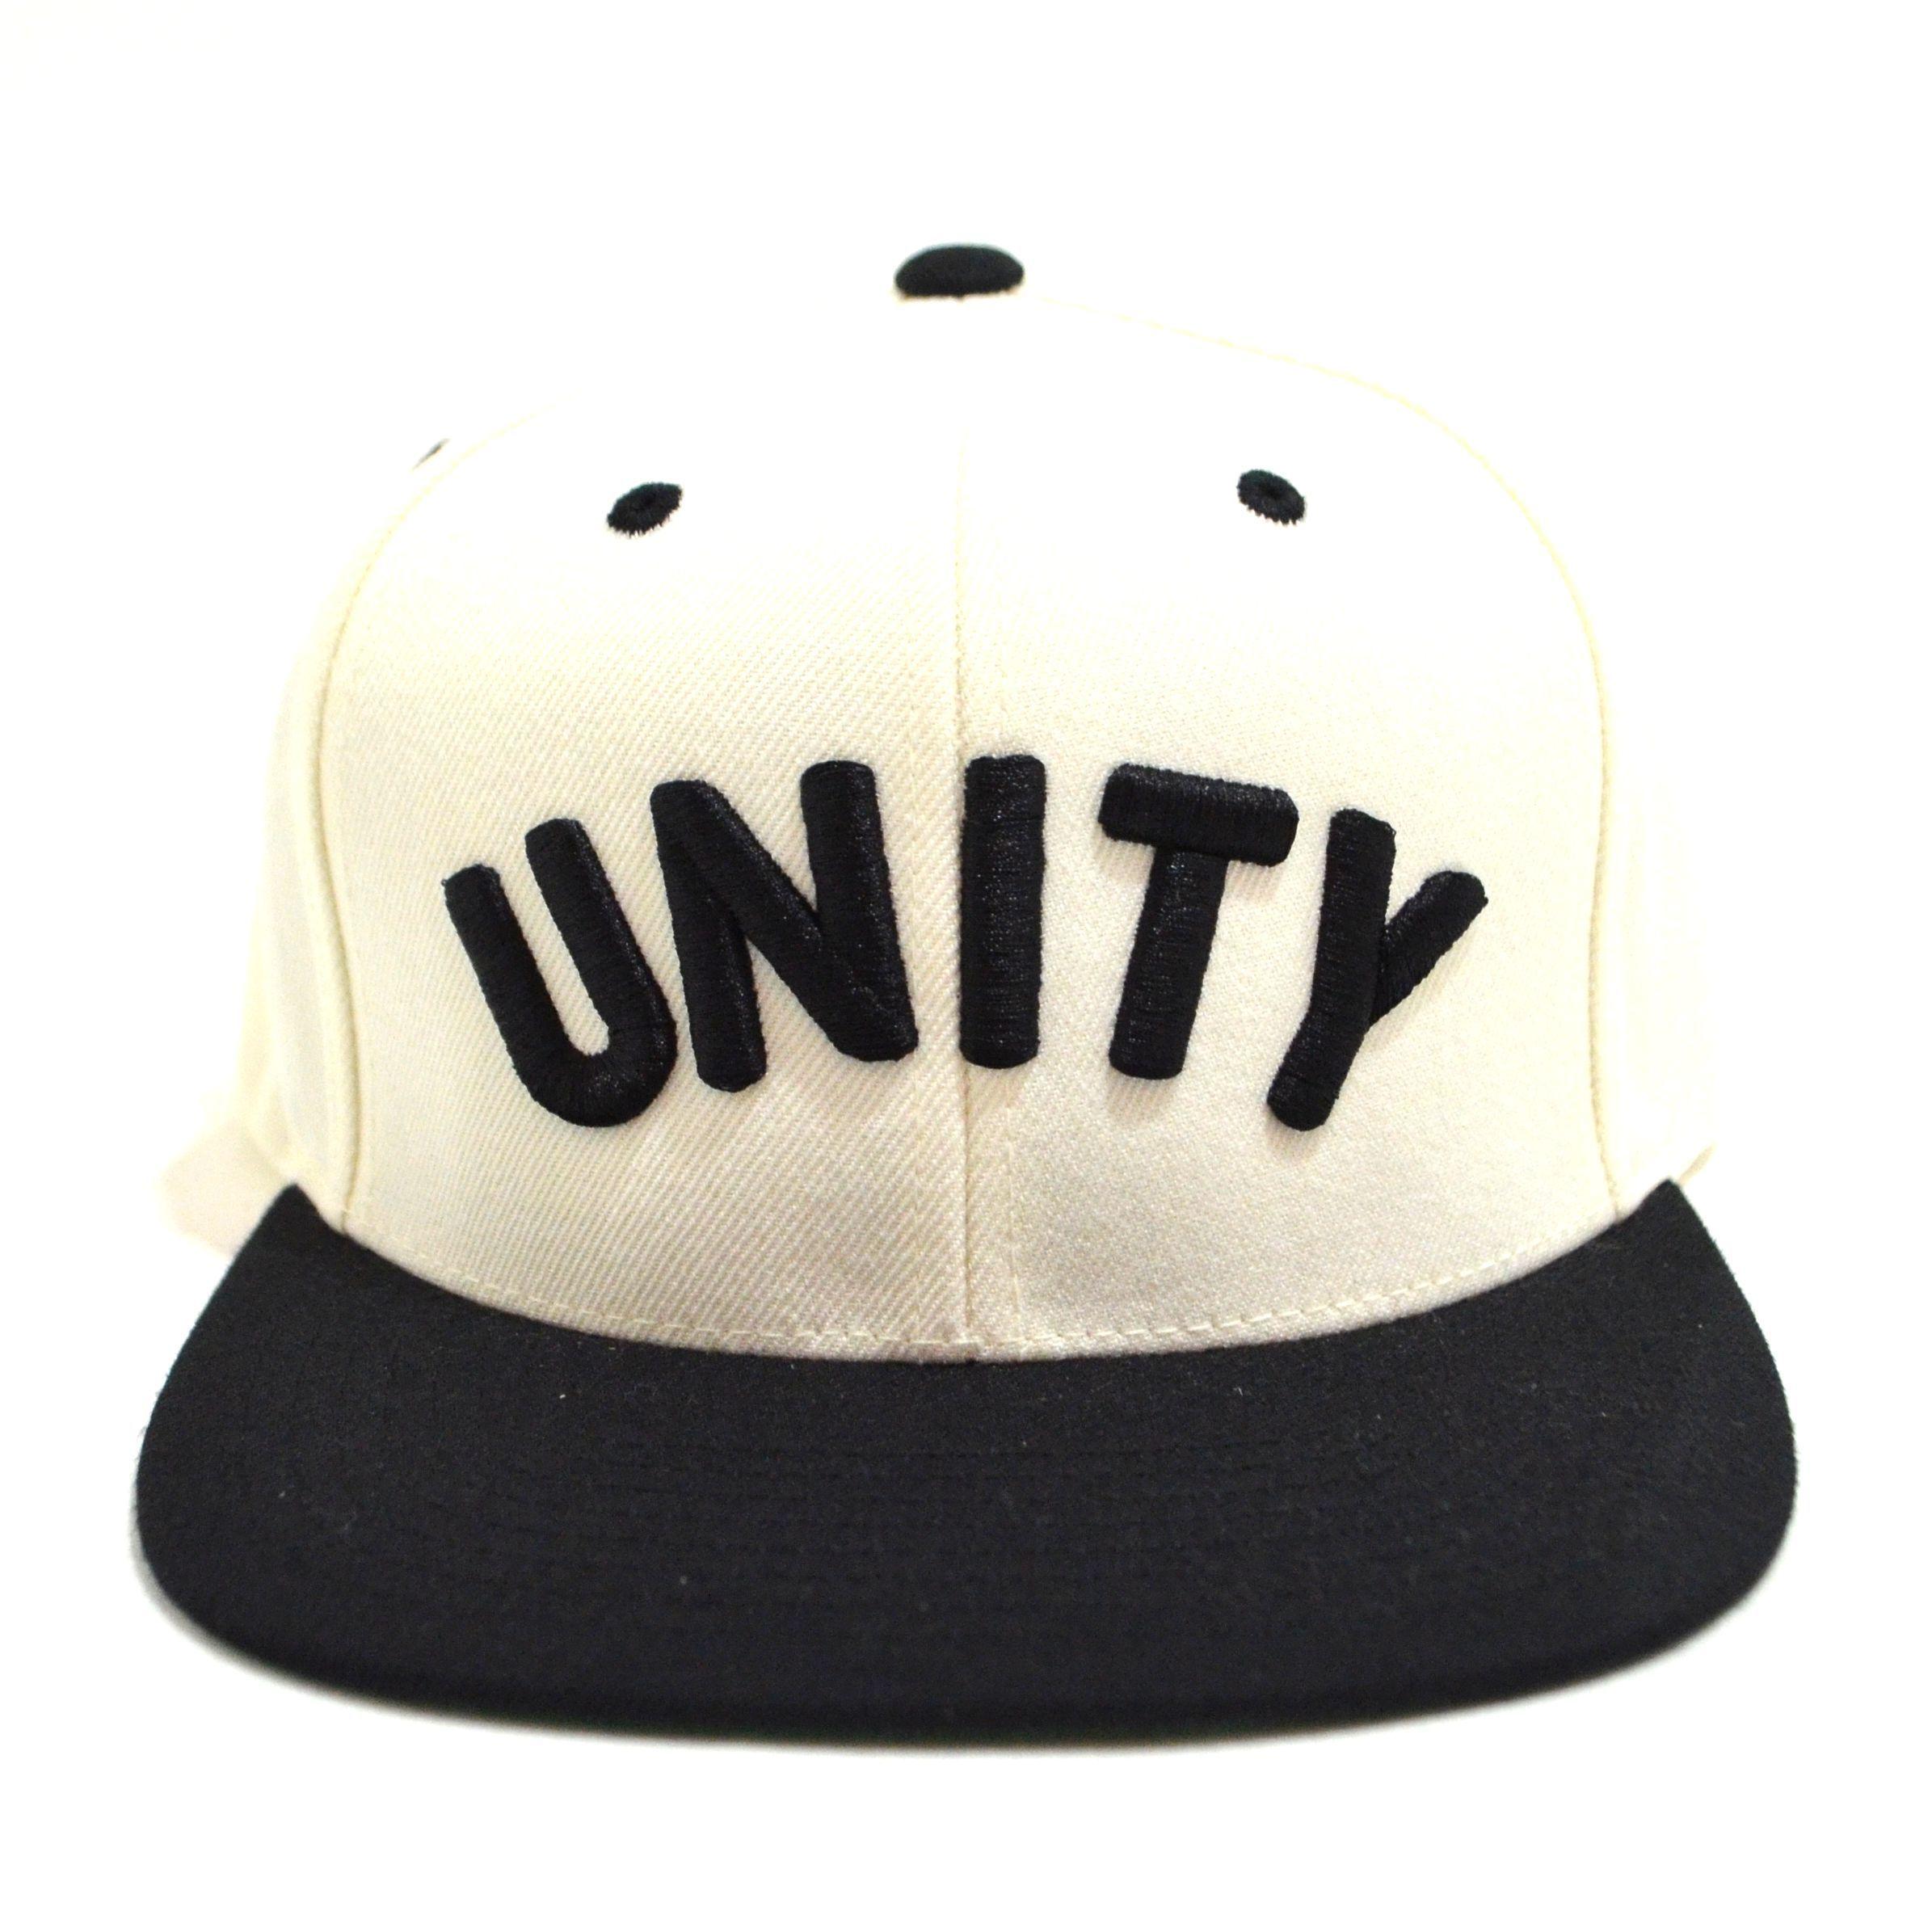 ACRYLICK SNAPBACK (UNITY) WHITE/BLACK